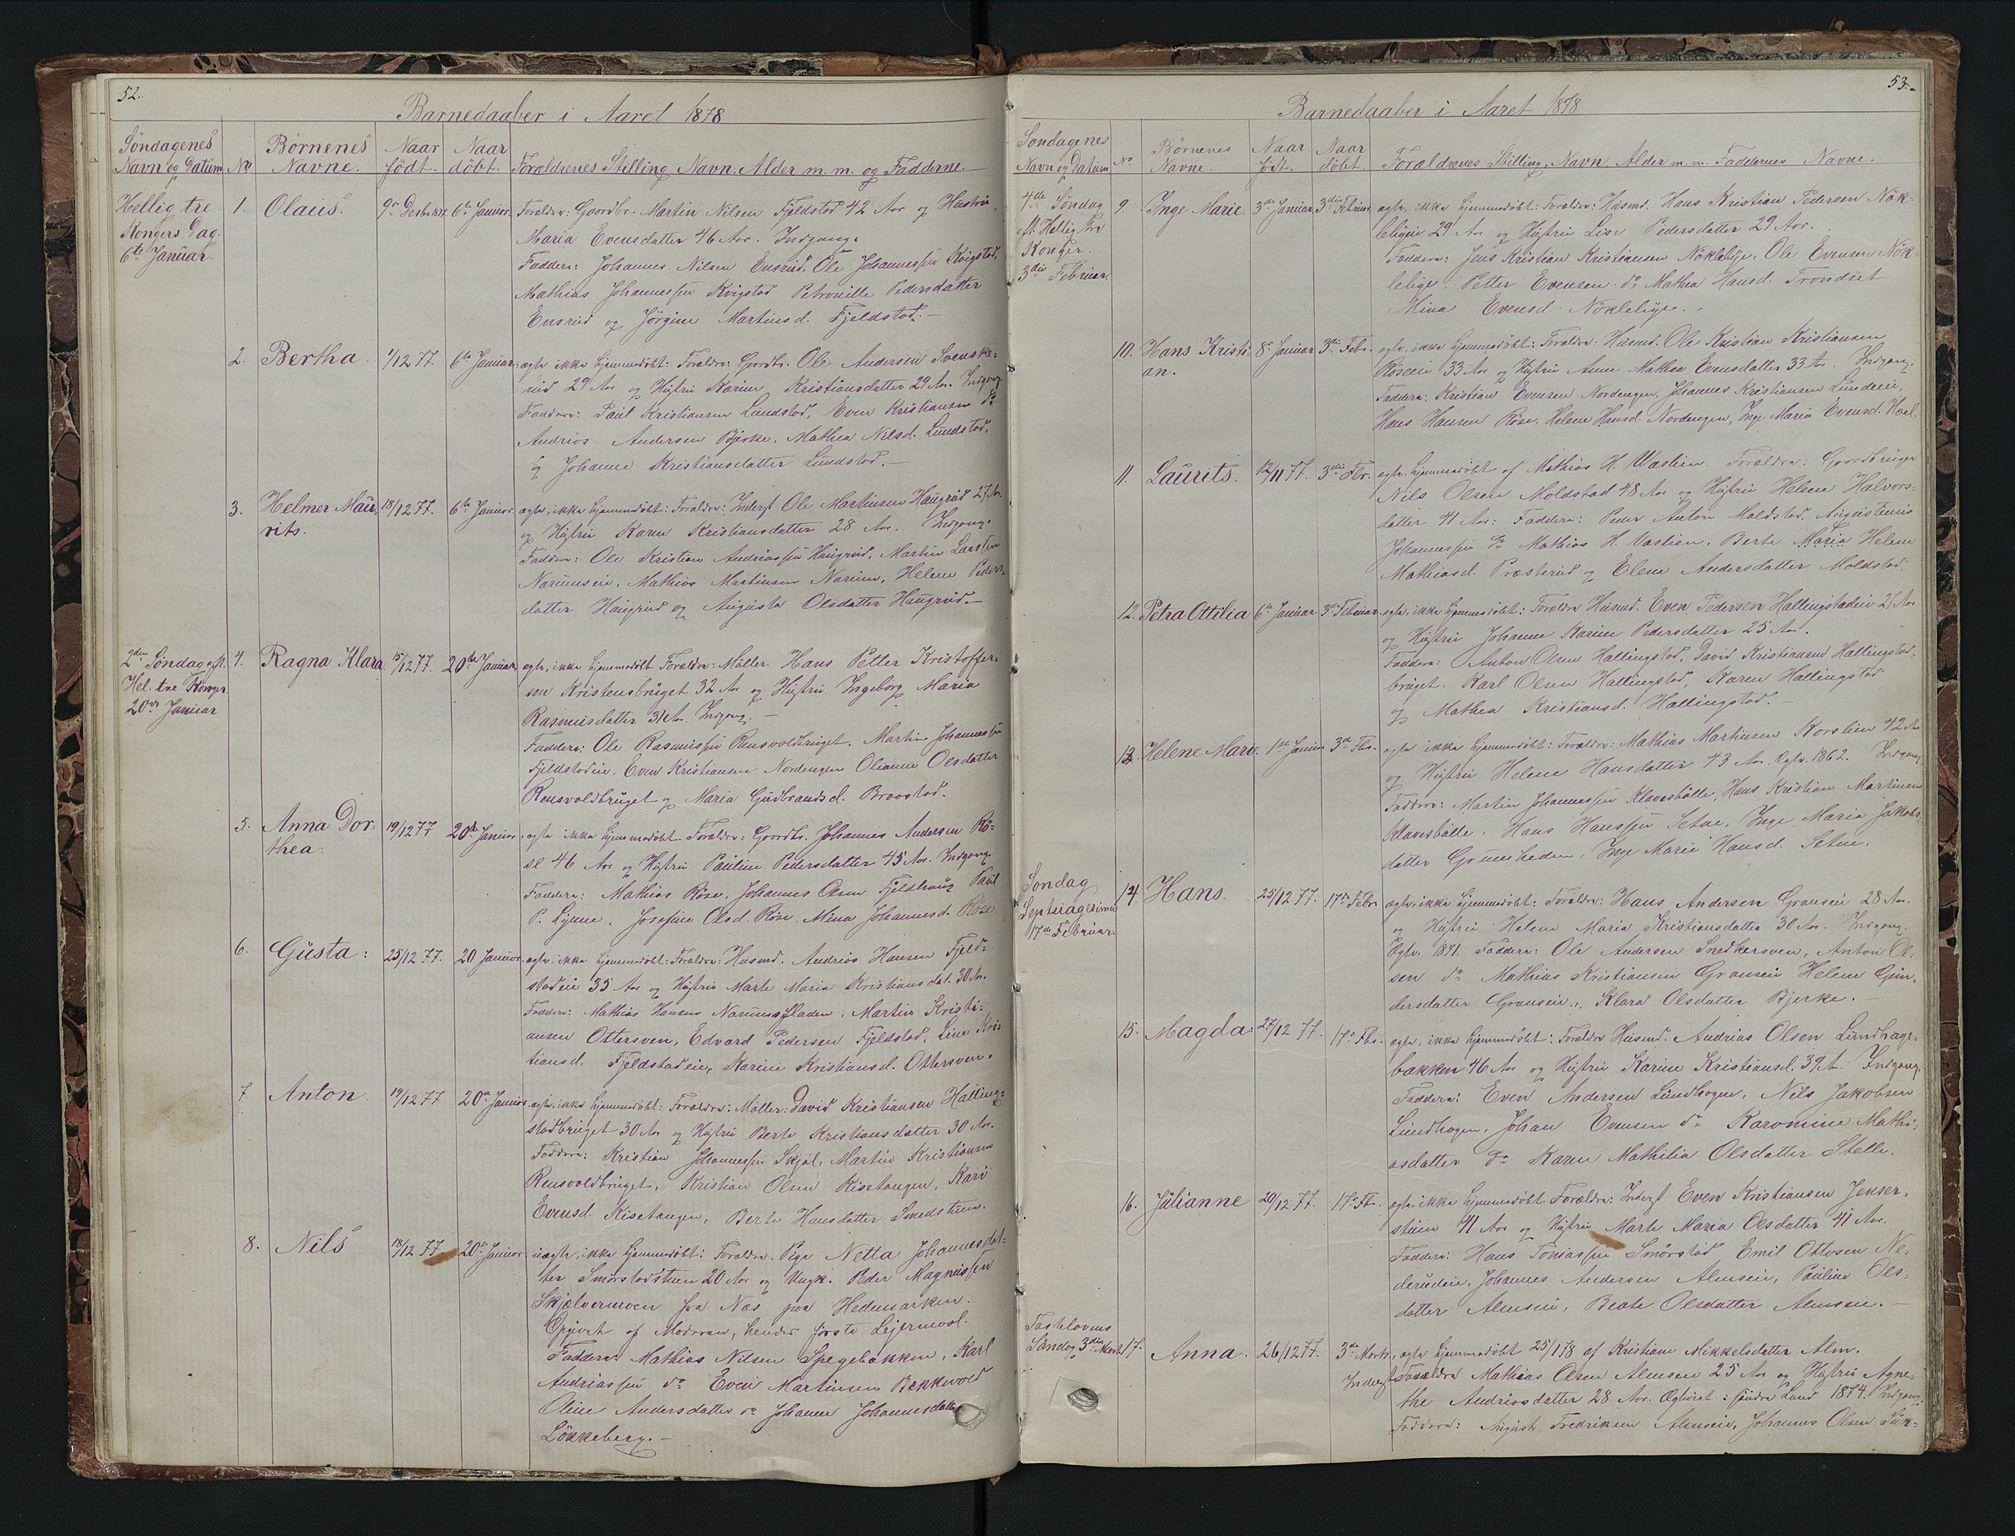 SAH, Vestre Toten prestekontor, H/Ha/Hab/L0007: Klokkerbok nr. 7, 1872-1900, s. 52-53